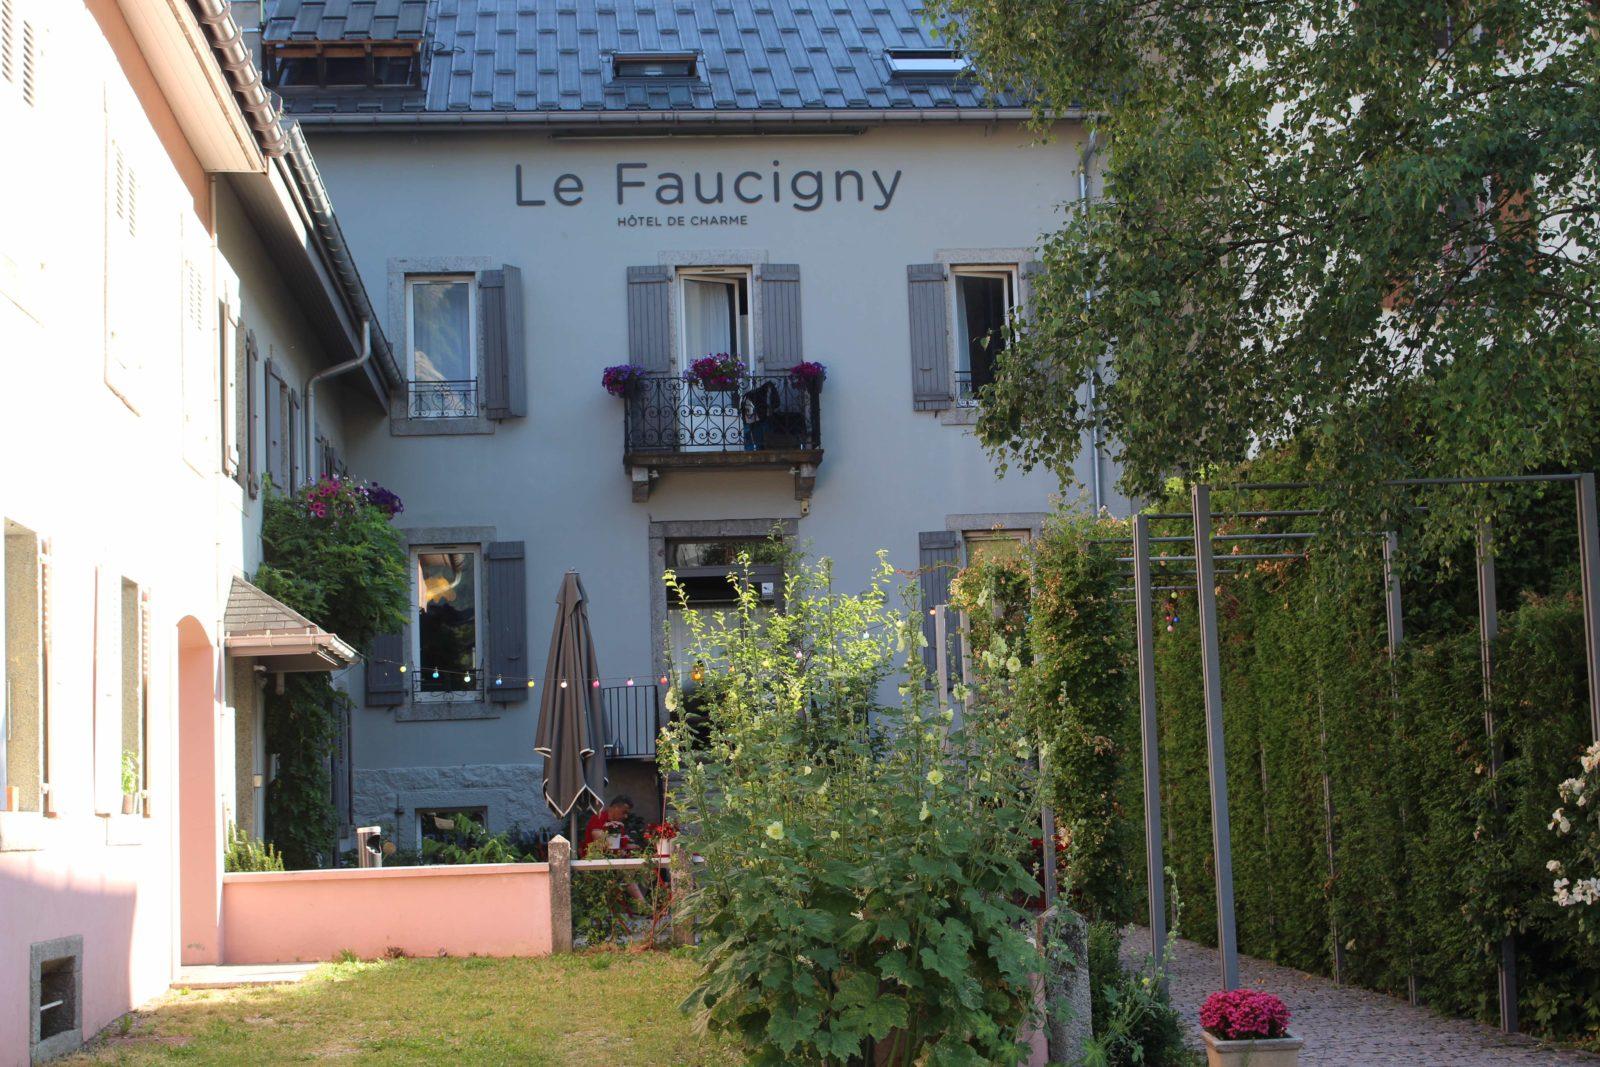 Chamonix Le Faucigny